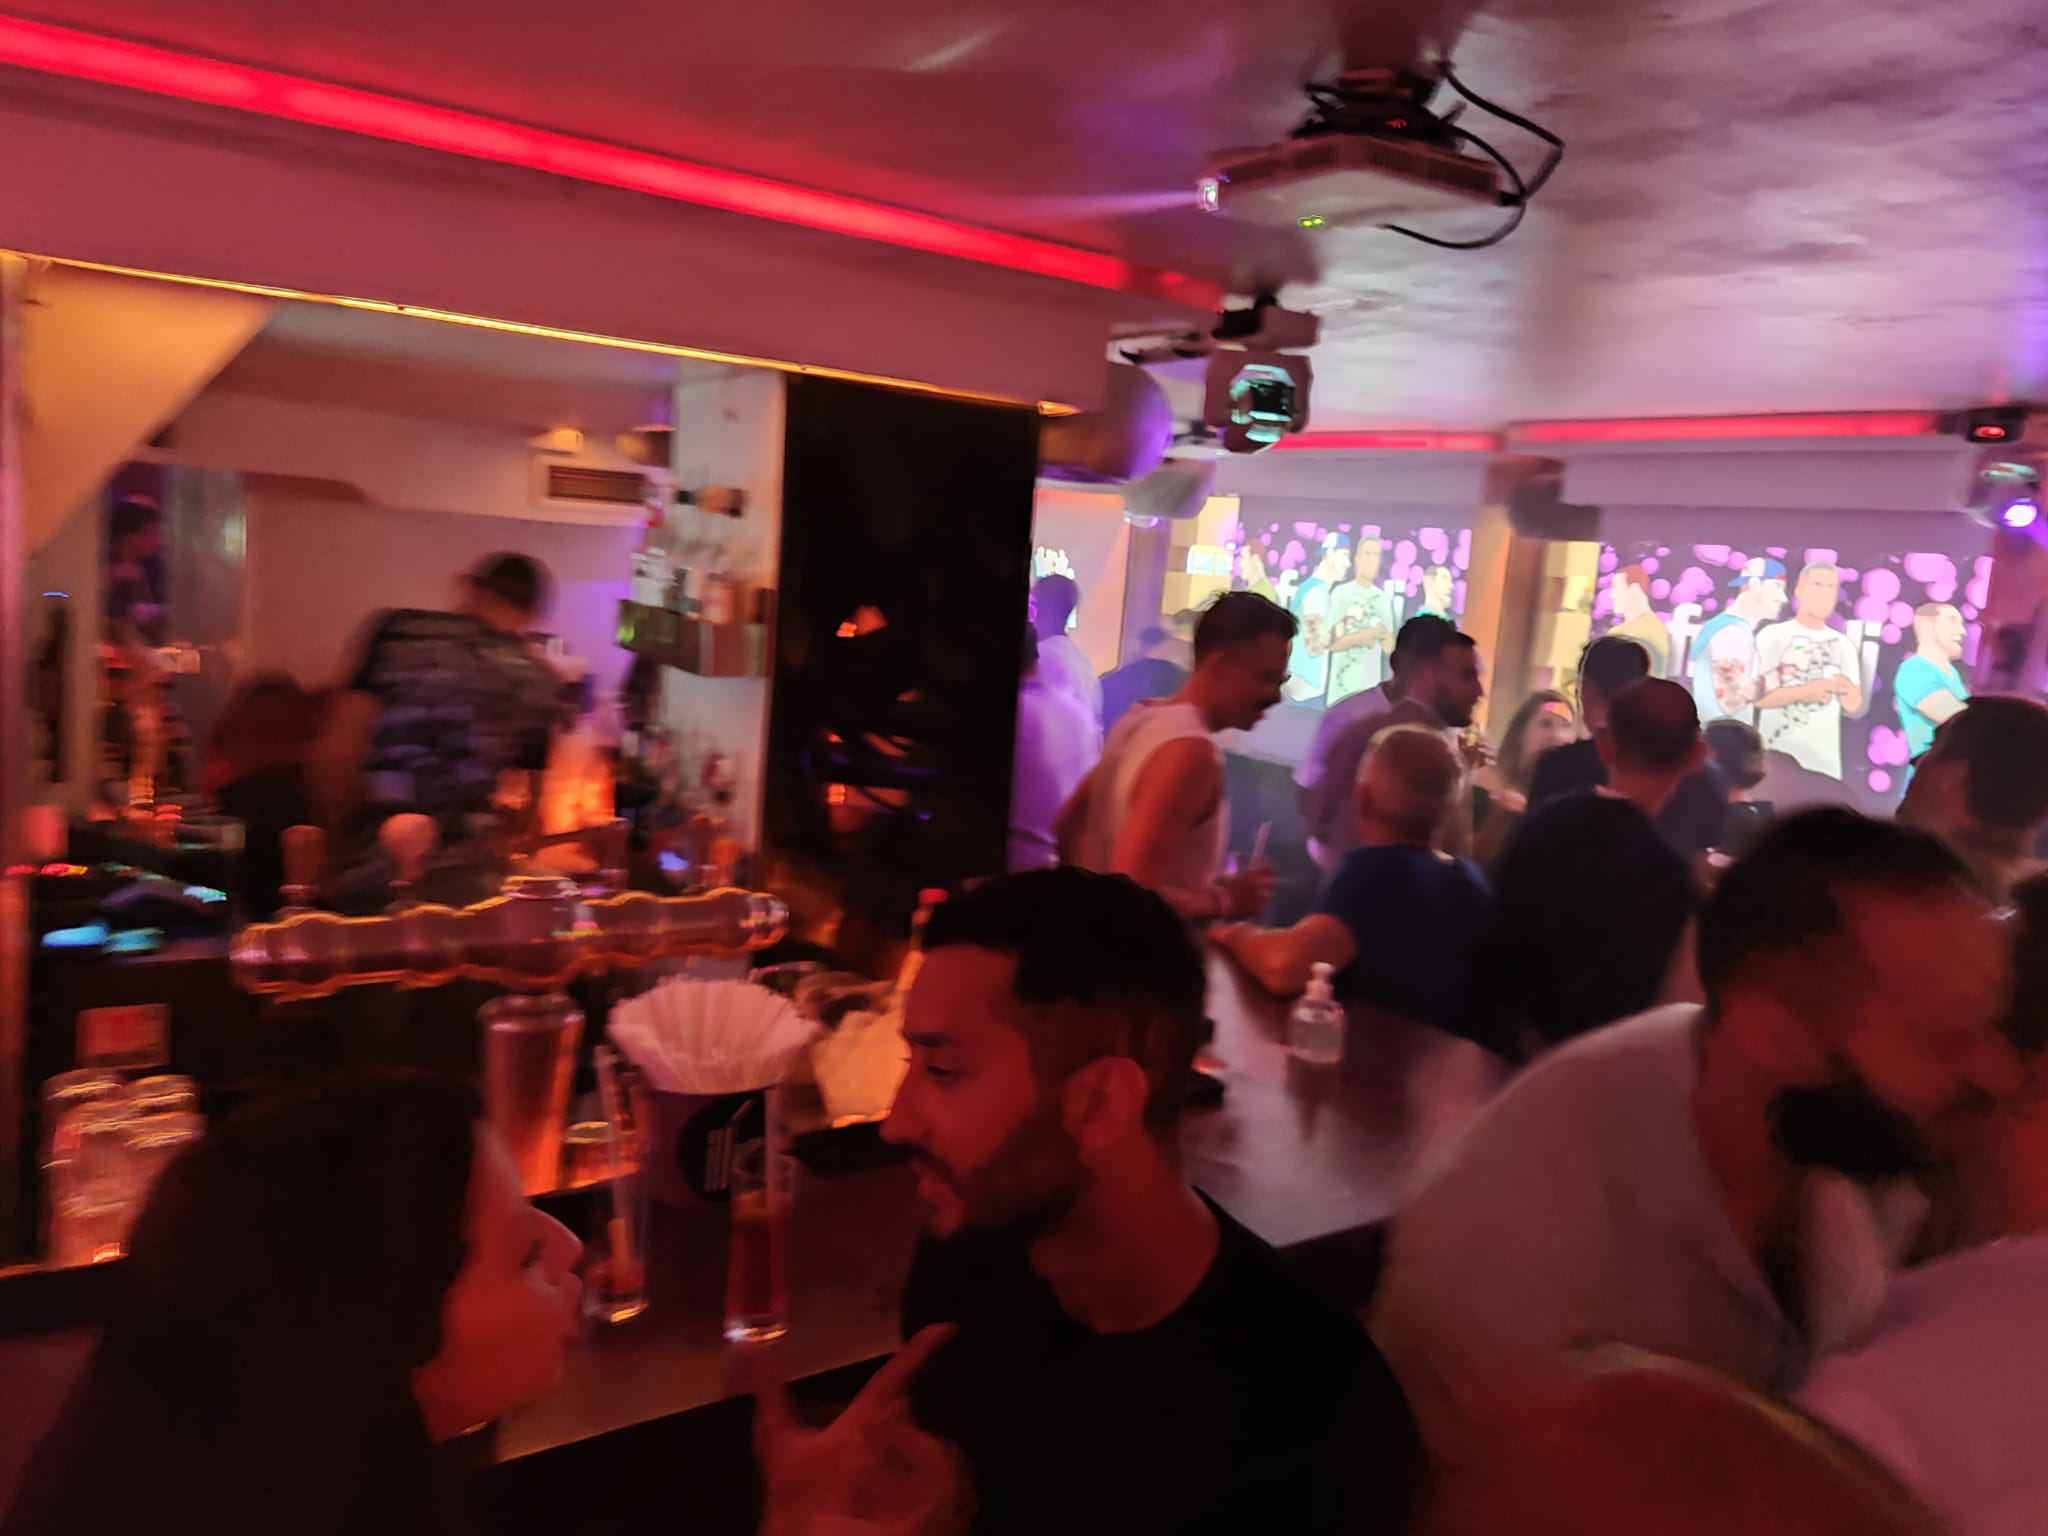 Un bar musical al centre de París el 24 de setembre del 2021 / JAG